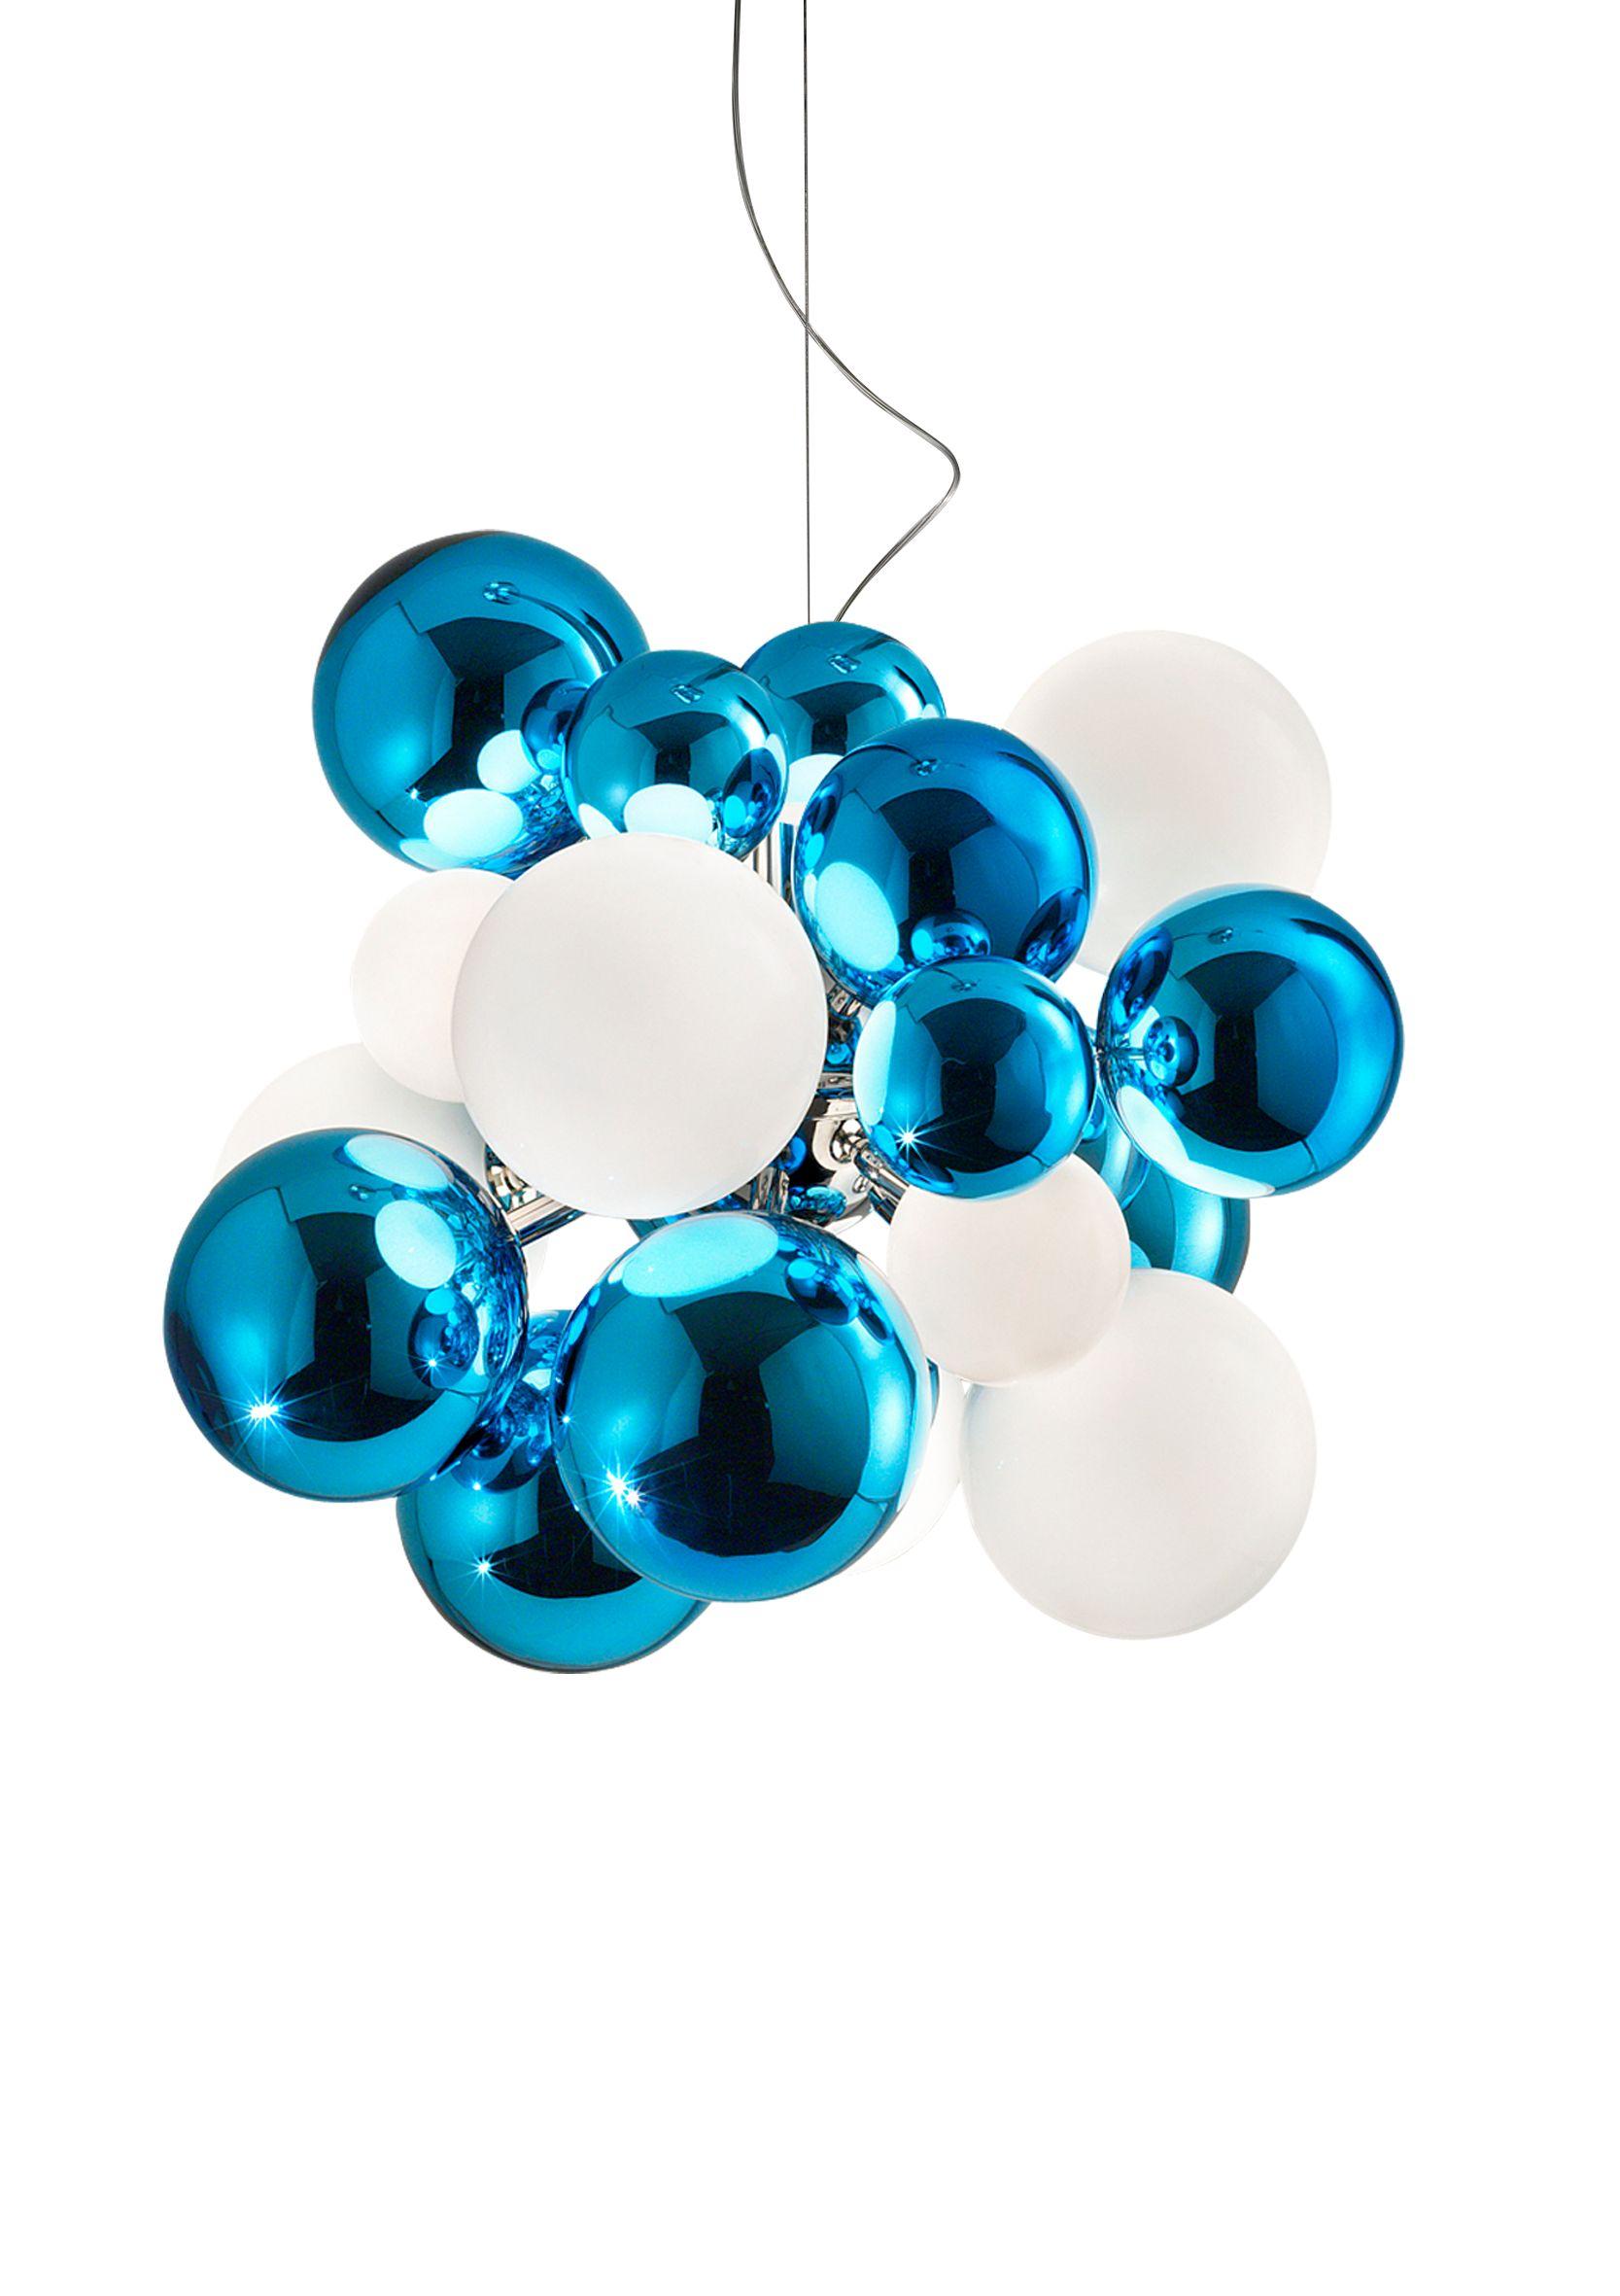 Digit_Light_regular_ Aquamarine_ ceiling